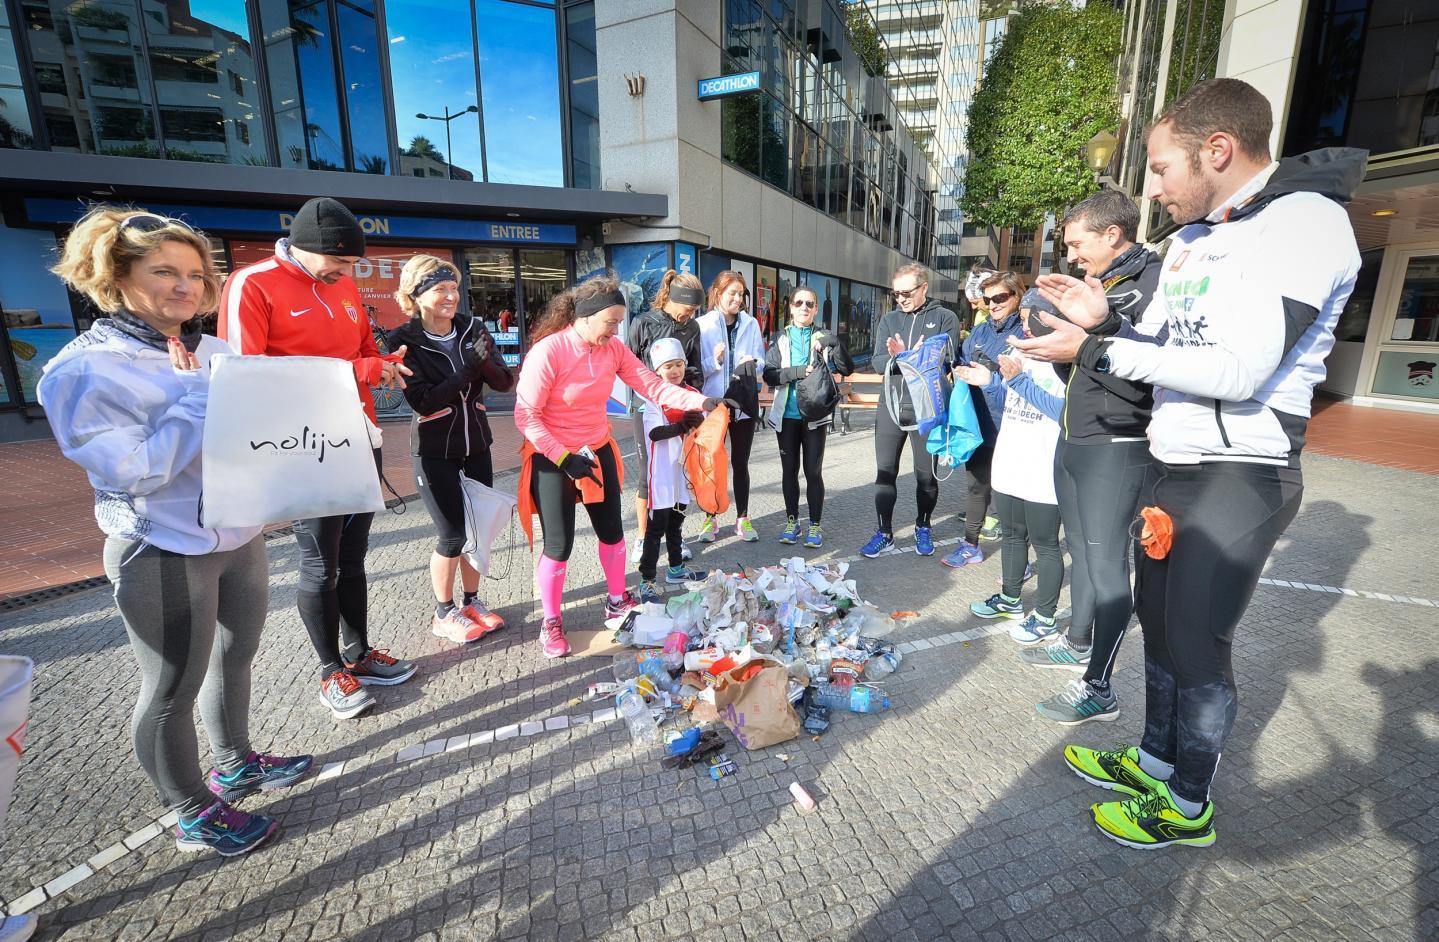 Les sportifs ont collecté en une petite heure ce tas de déchets sur la voie publique, notamment du sentier littoral.